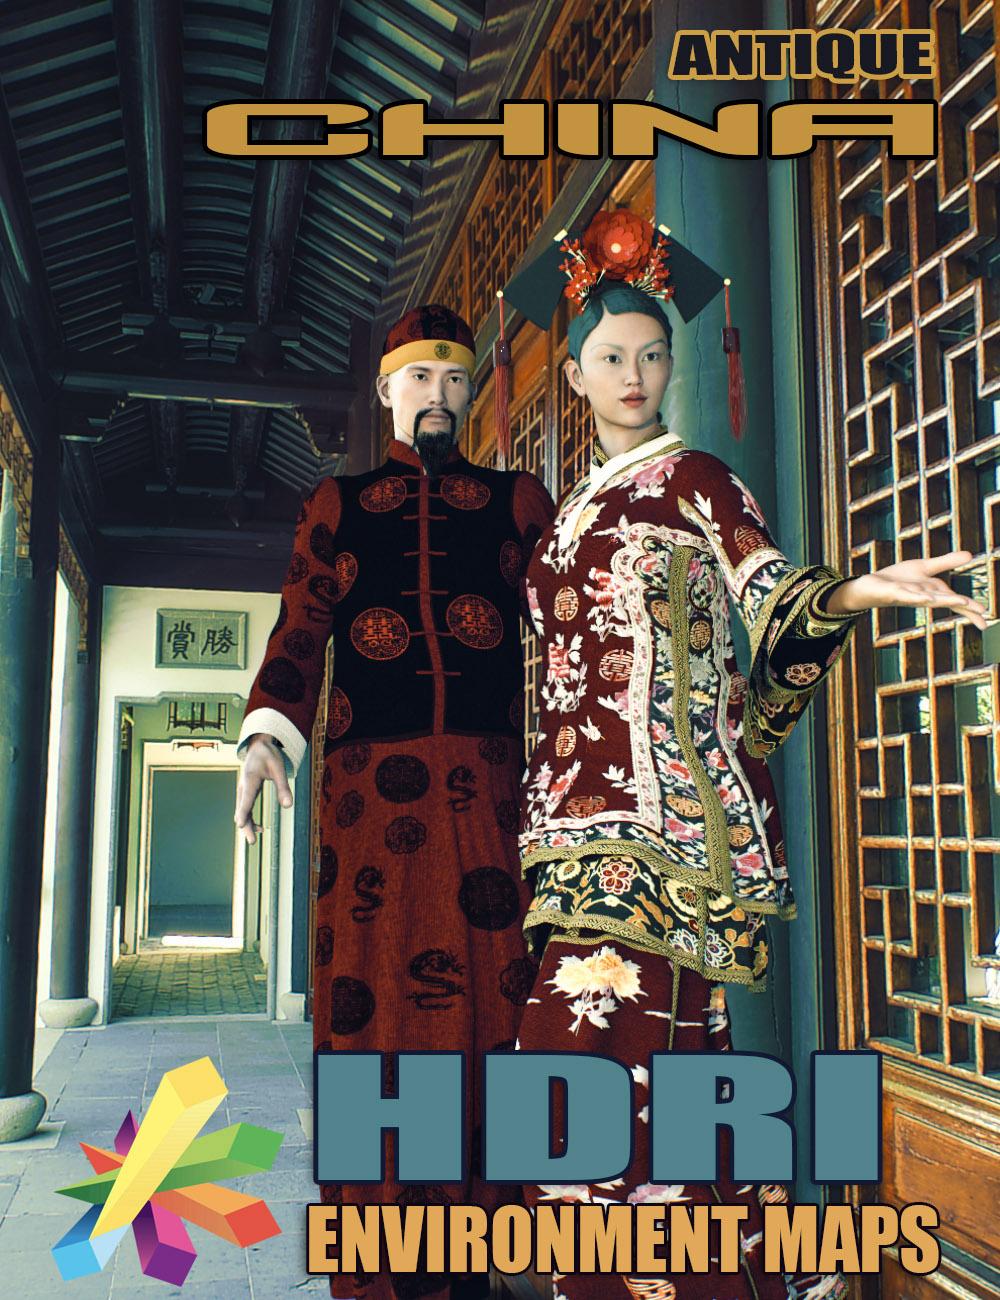 MEC4D HDRI Antique China Super-Megapack by: Mec4D, 3D Models by Daz 3D